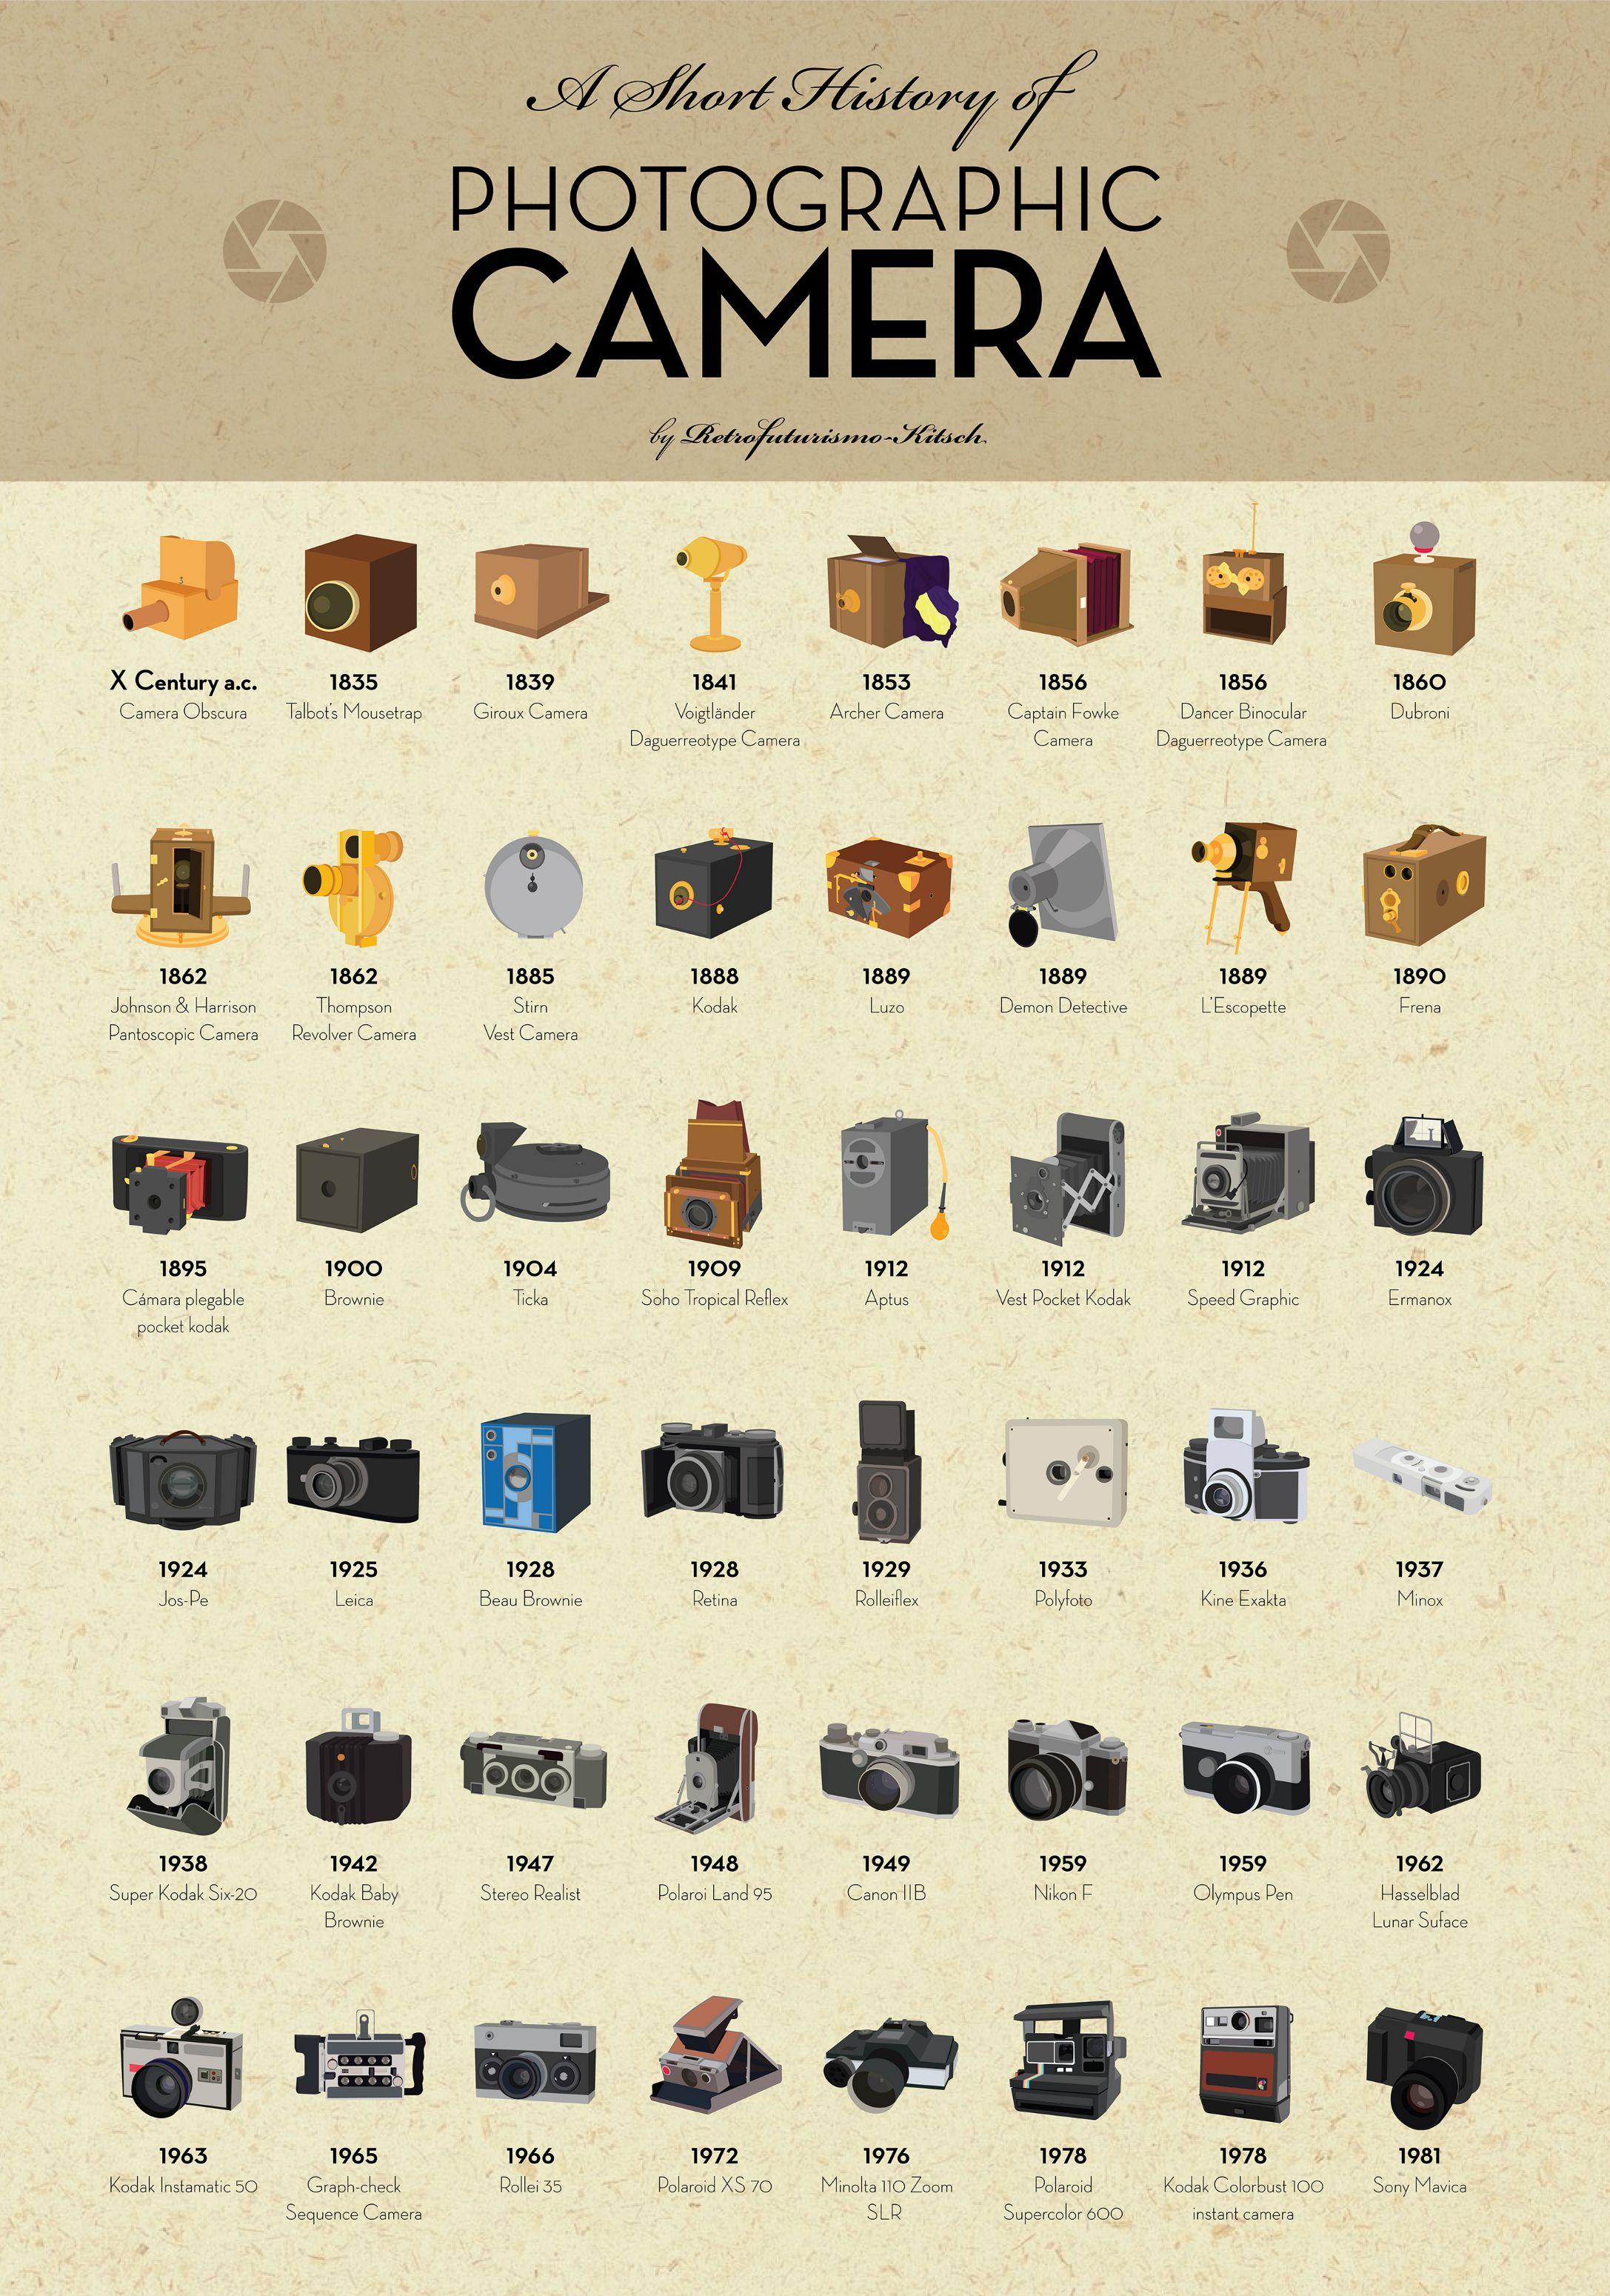 L Histoire De L Appareil Photo : histoire, appareil, photo, Histoire-appareil-photo, Boite, Verte